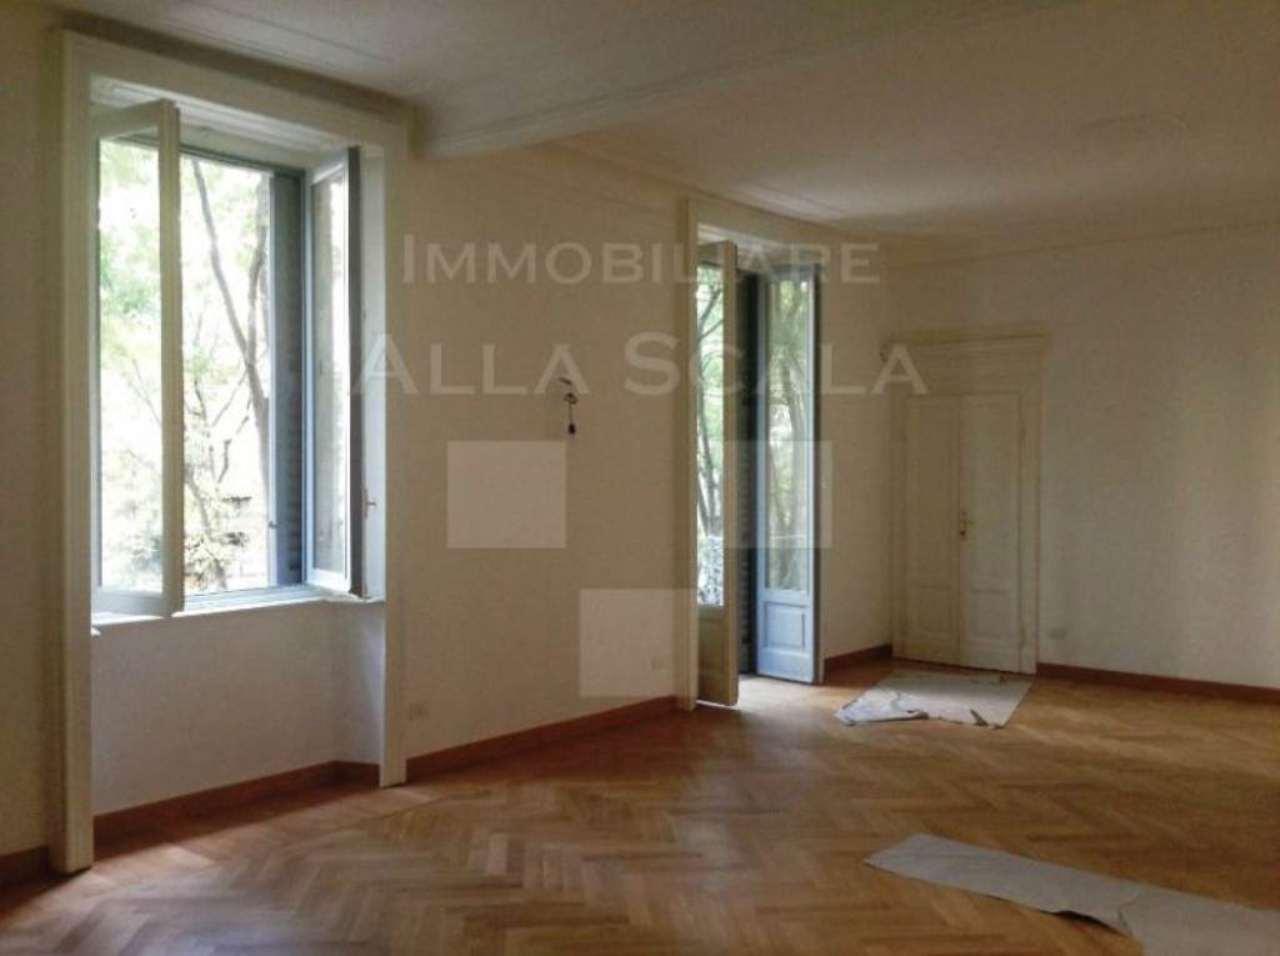 Appartamenti in affitto a milano in zona cadorna cerca for Appartamenti arredati in affitto milano